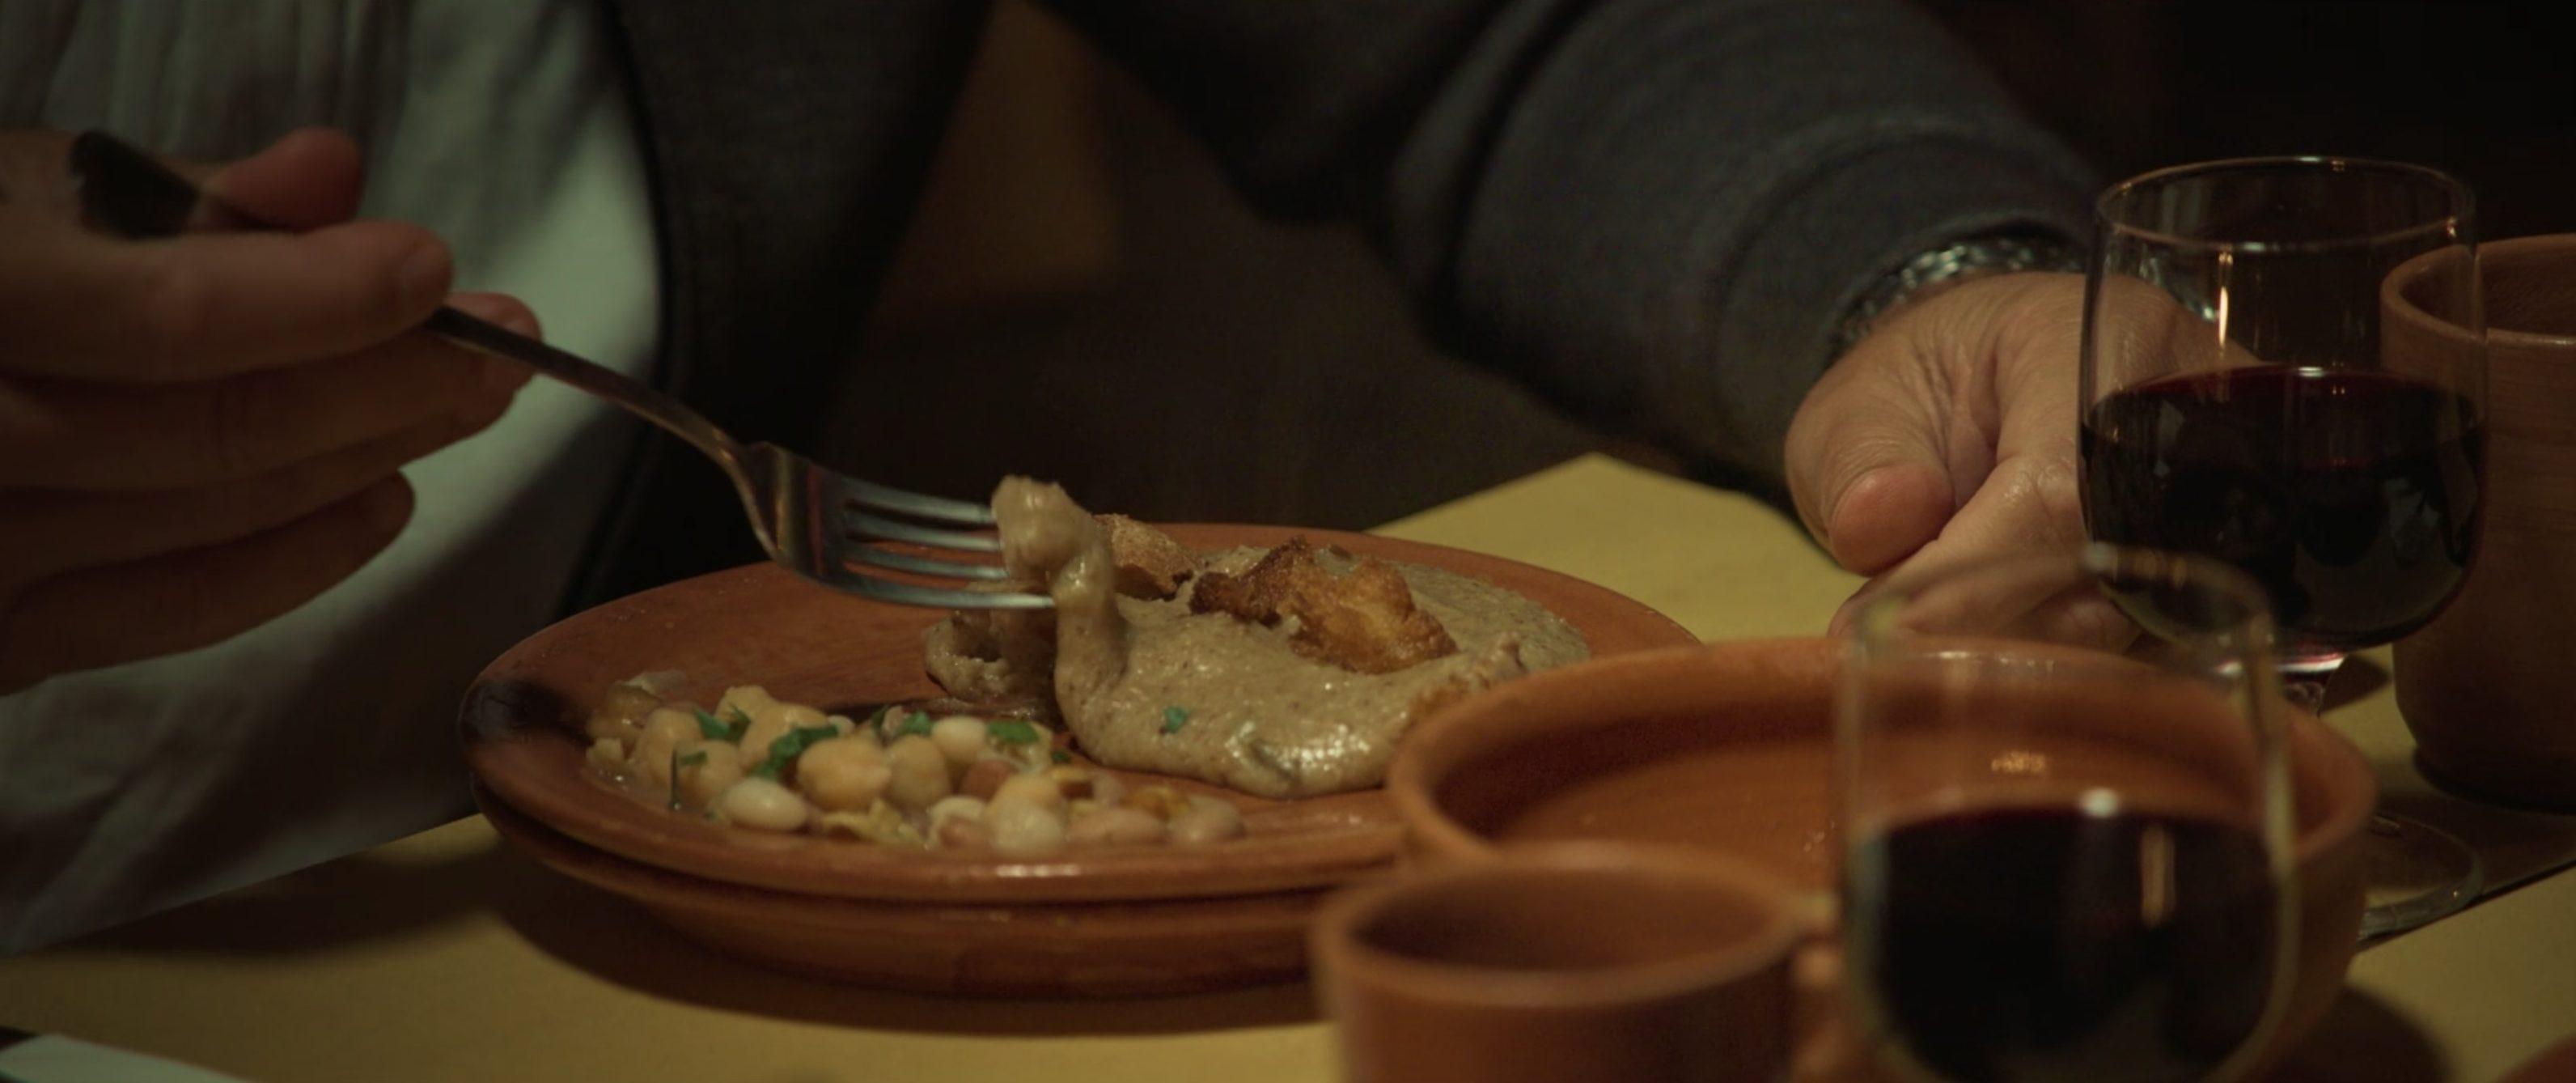 Dal maracuoccio alla maracuocciata: la polenta del Cilento che ha stregato l'Italia